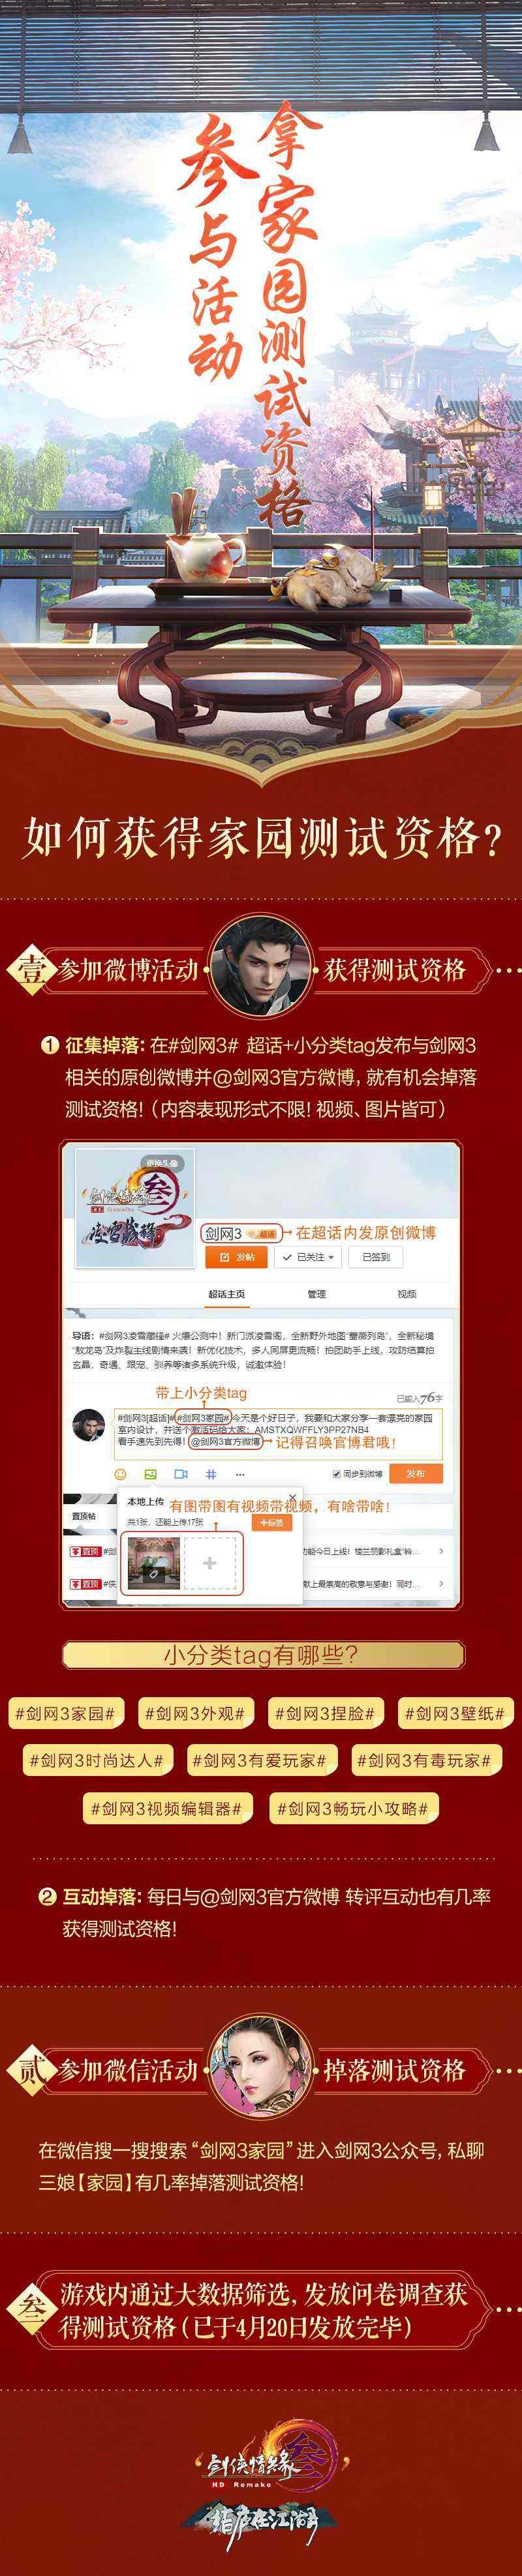 结庐在江湖 《剑网3》年度资料片震撼公布